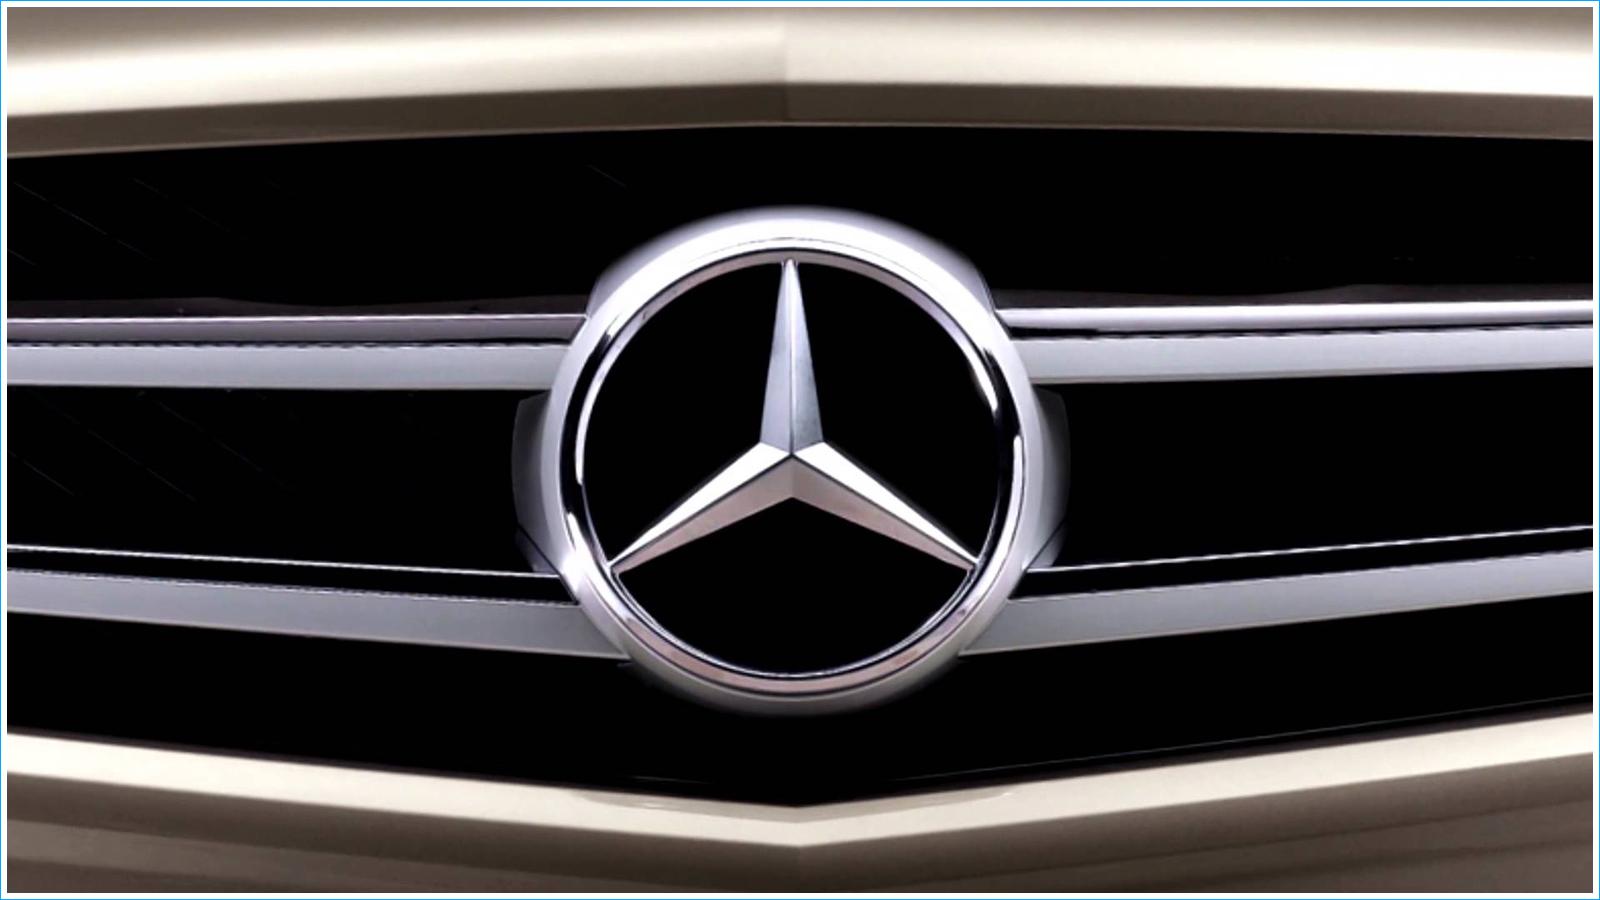 Le logo Mercedes Benz Les marques de voitures 1600x900